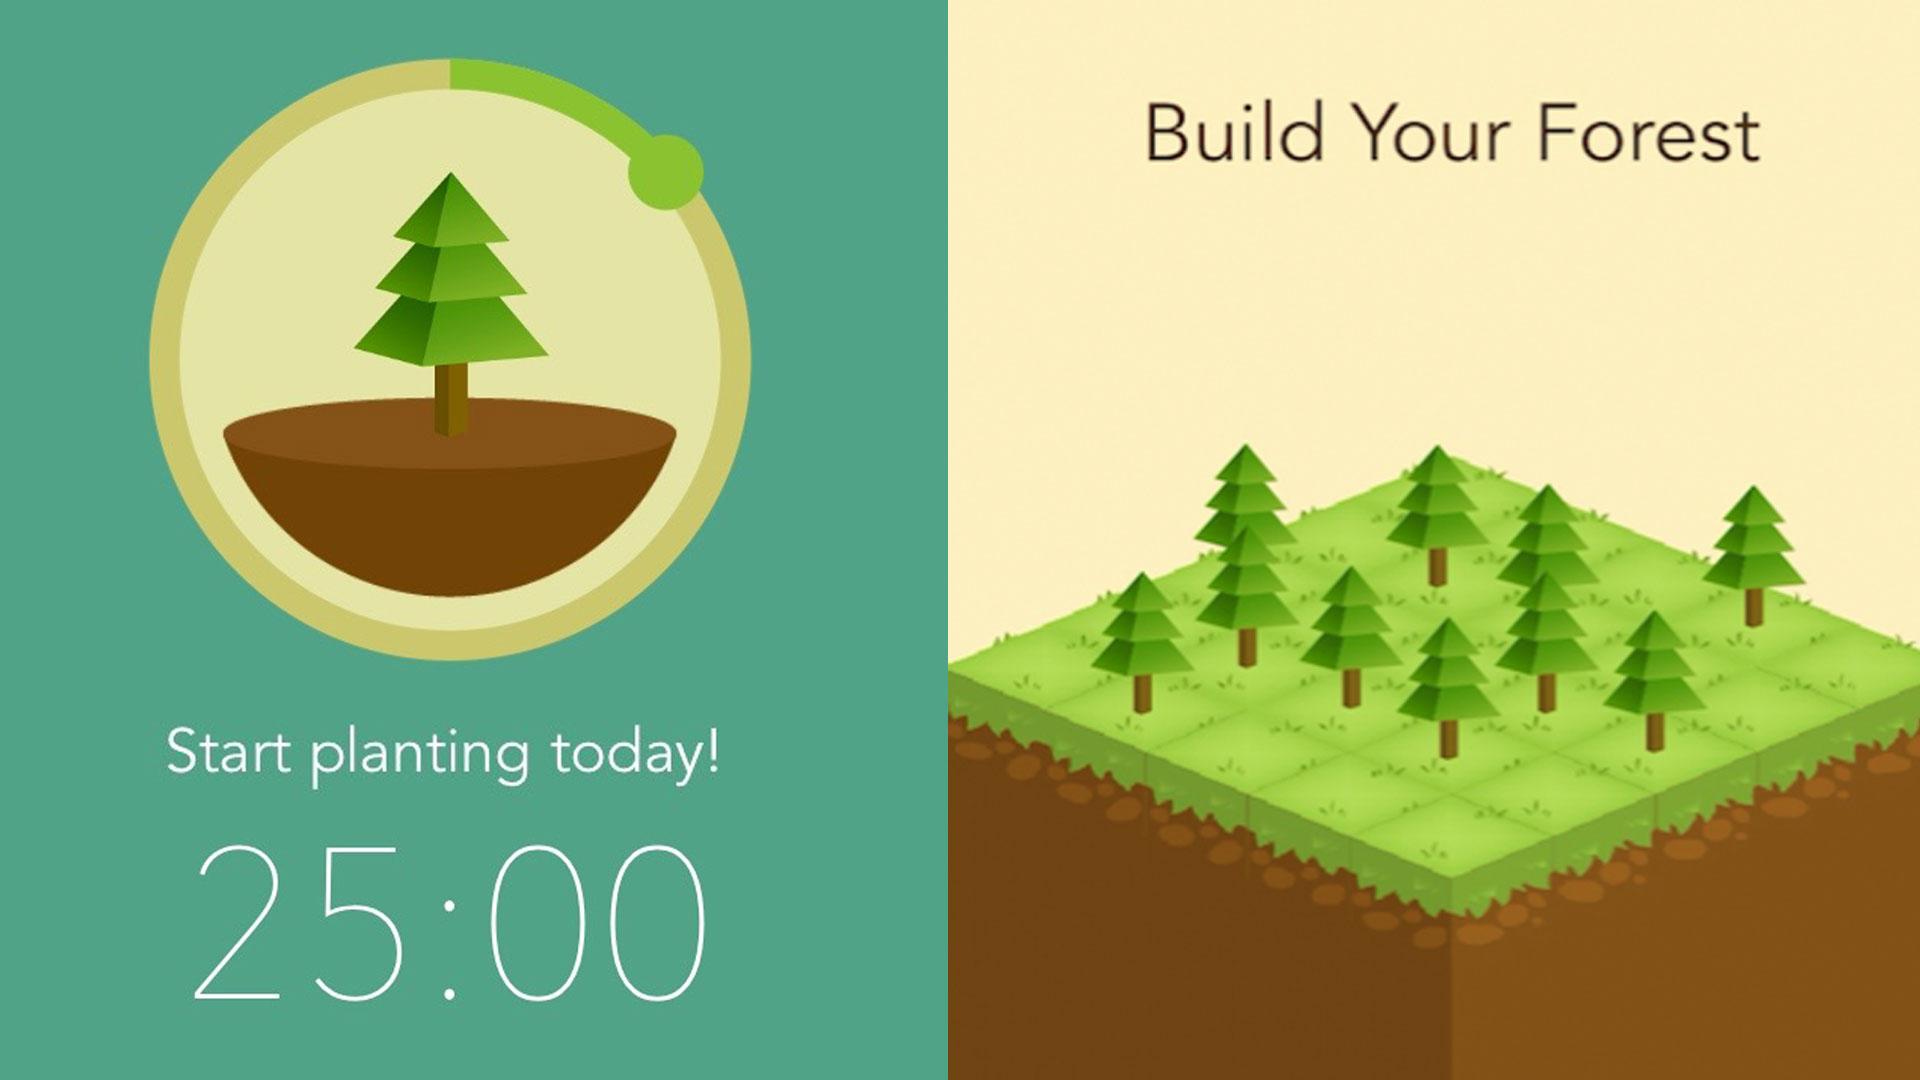 Đây là một ứng dụng thông minh rất phù hợp với những ai vừa muốn tập trung làm việc vừa muốn giải trí